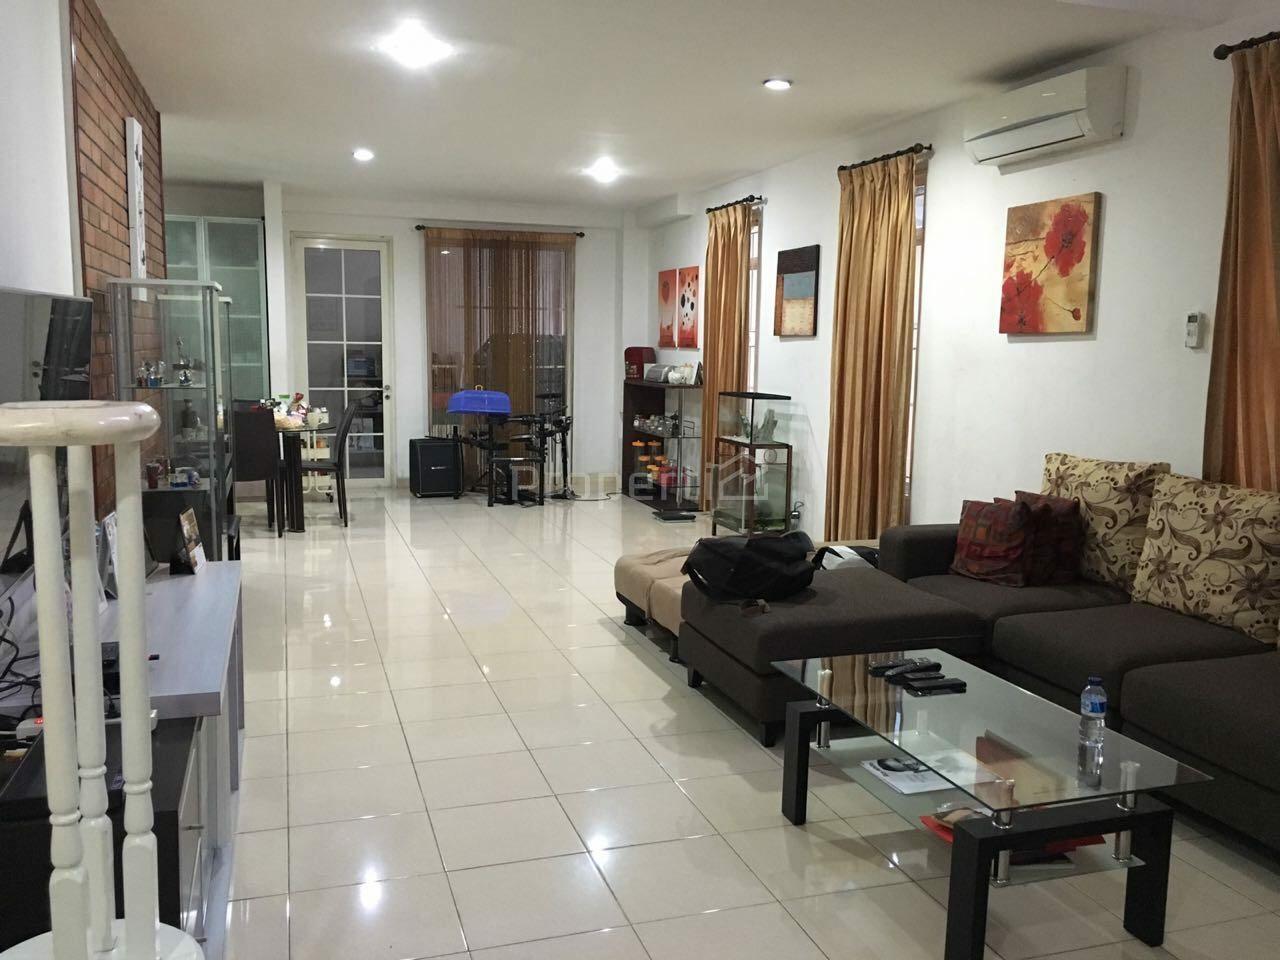 Rumah Perumahan di Lippo Karawaci Utara, Kota Tangerang